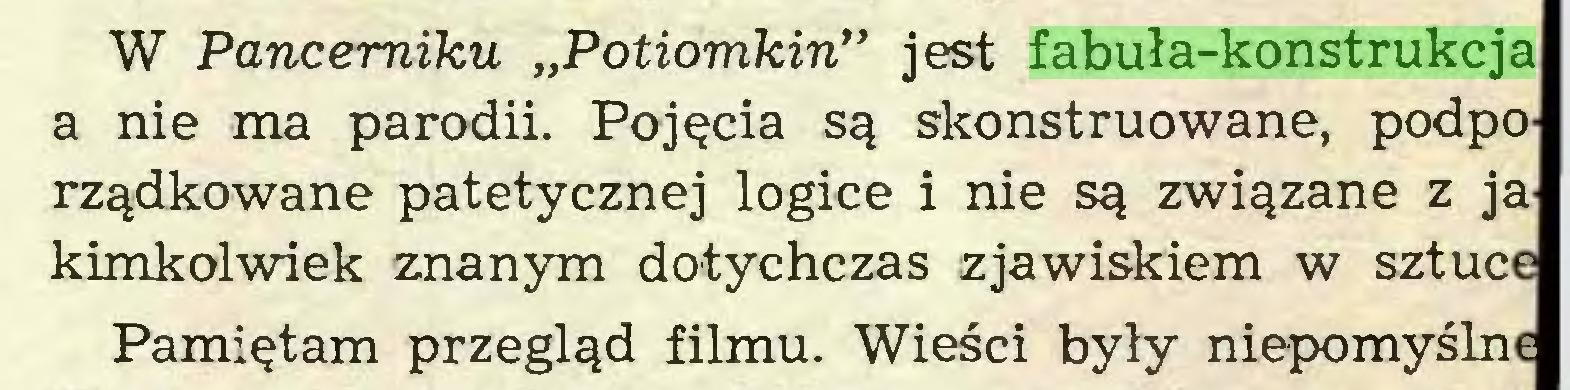 """(...) W Pancerniku """"Potiomkin*' jest fabuła-konstrukcja a nie ma parodii. Pojęcia są skonstruowane, podporządkowane patetycznej logice i nie są związane z ja kimkolwiek znanym dotychczas zjawiskiem w sztuce Pamiętam przegląd filmu. Wieści były niepomyślne..."""